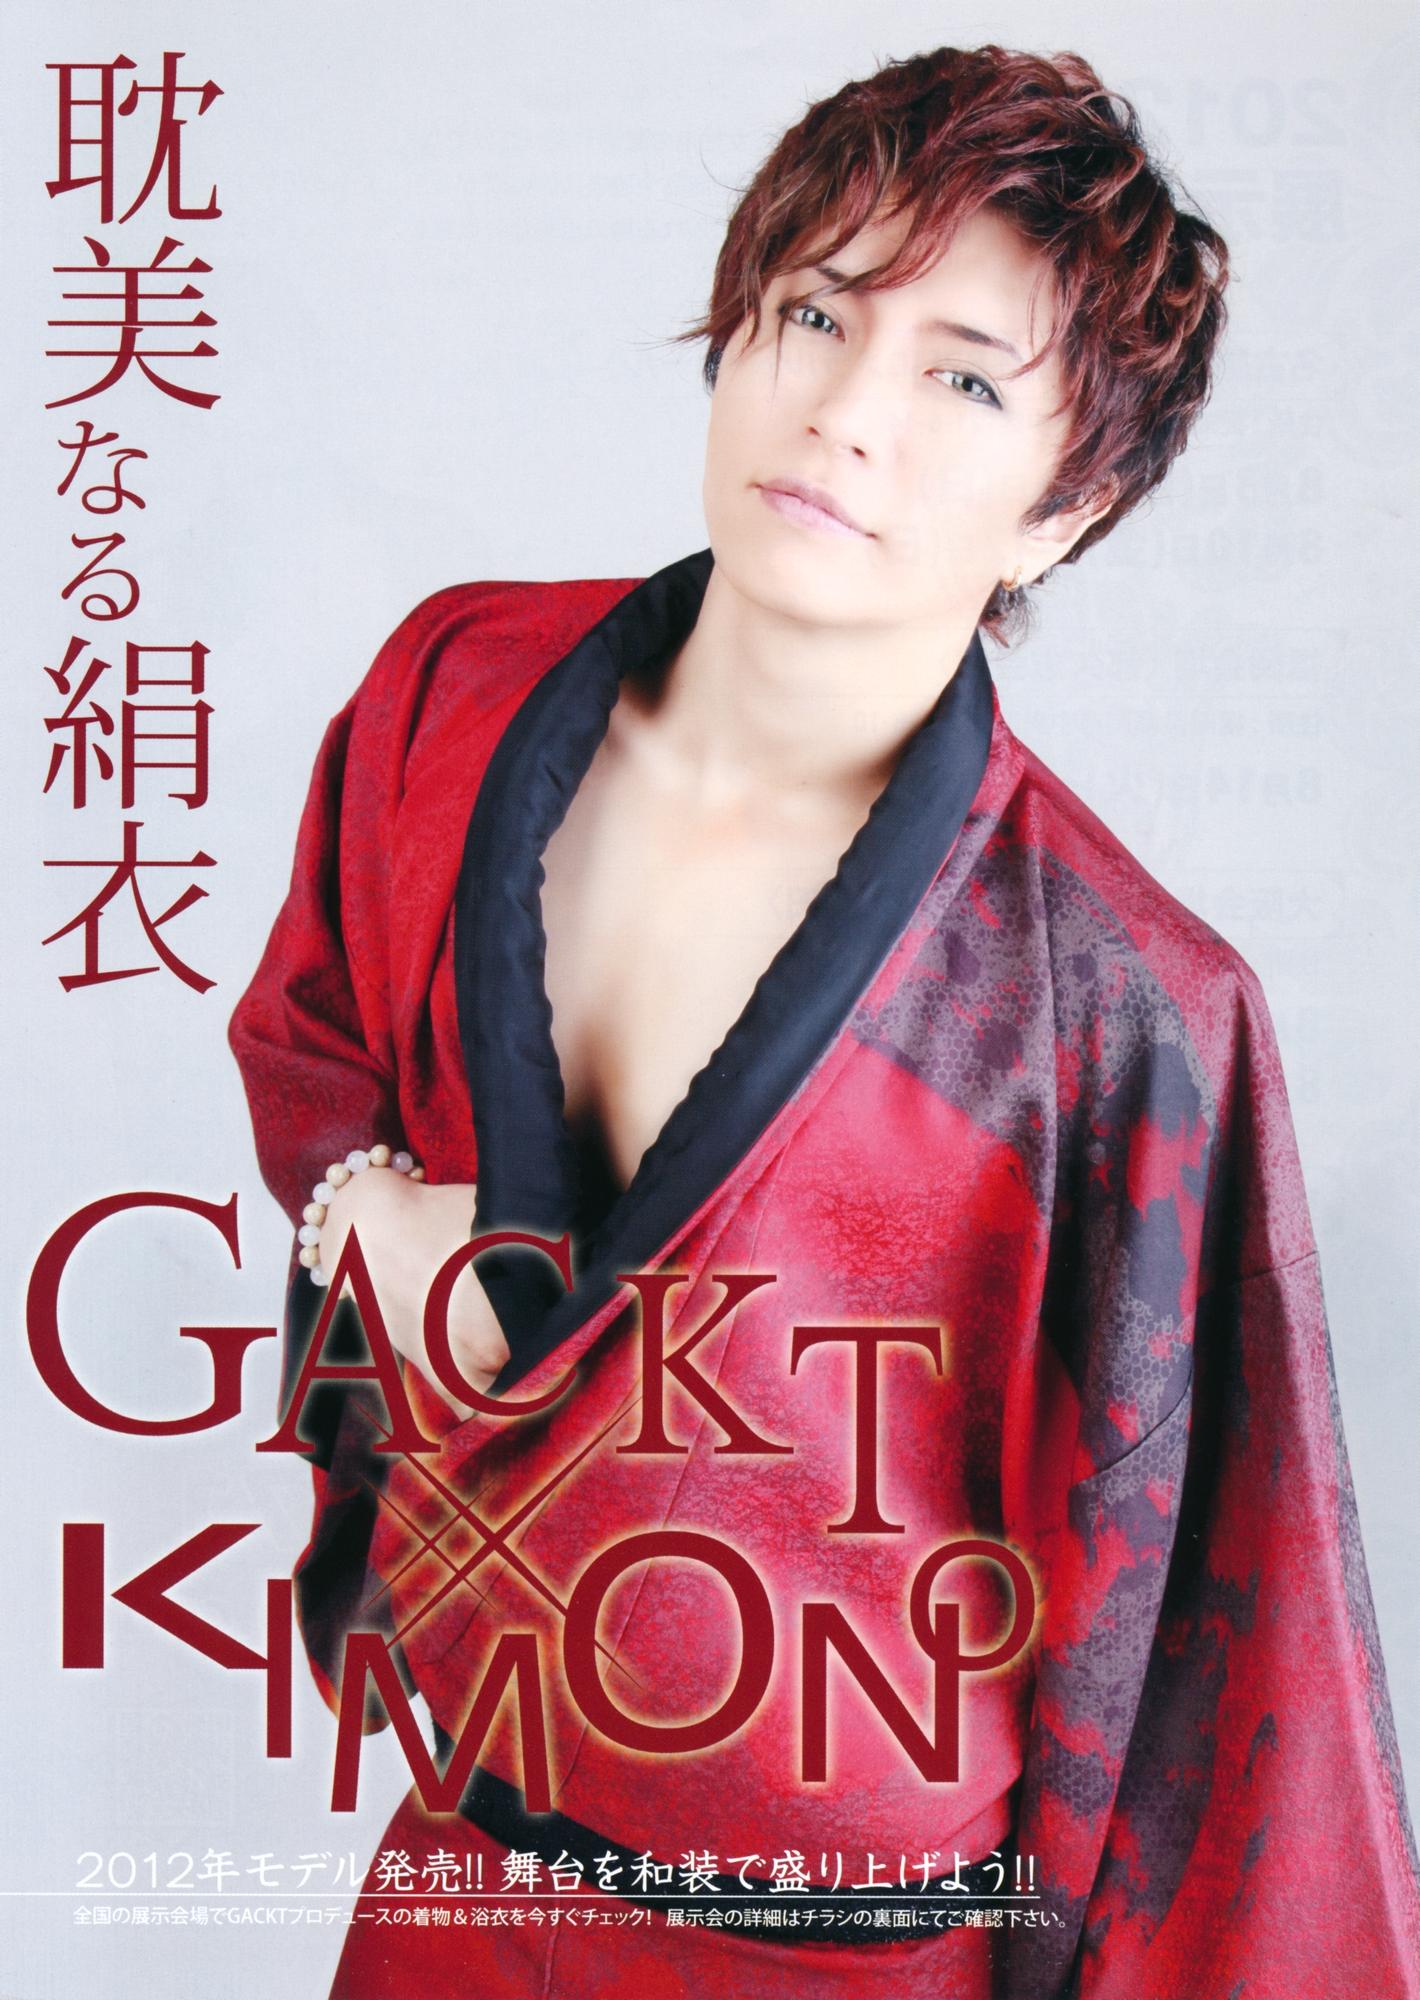 http://ic.pics.livejournal.com/tenshin26100/14286397/591549/591549_original.jpg